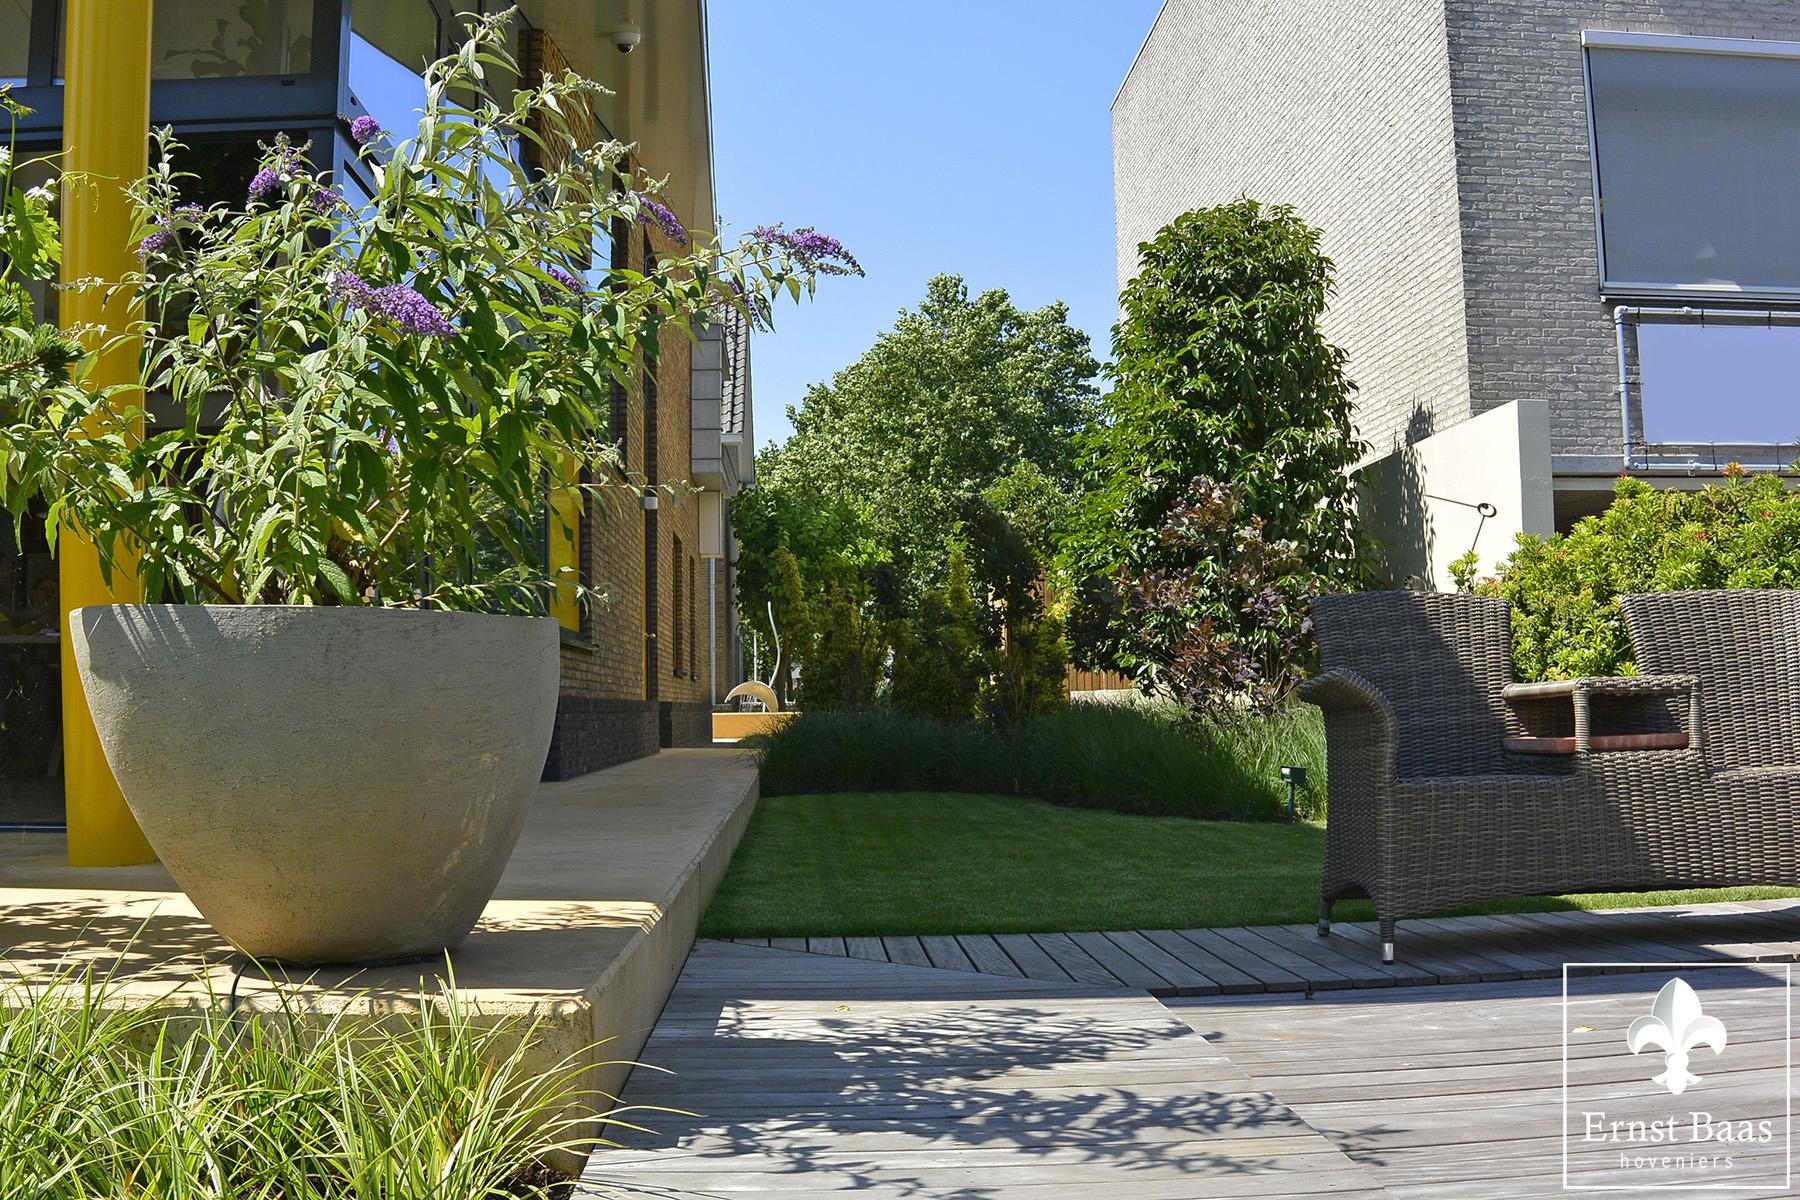 Design tuinen ernst baas hoveniersbedrijf in waddinxveen